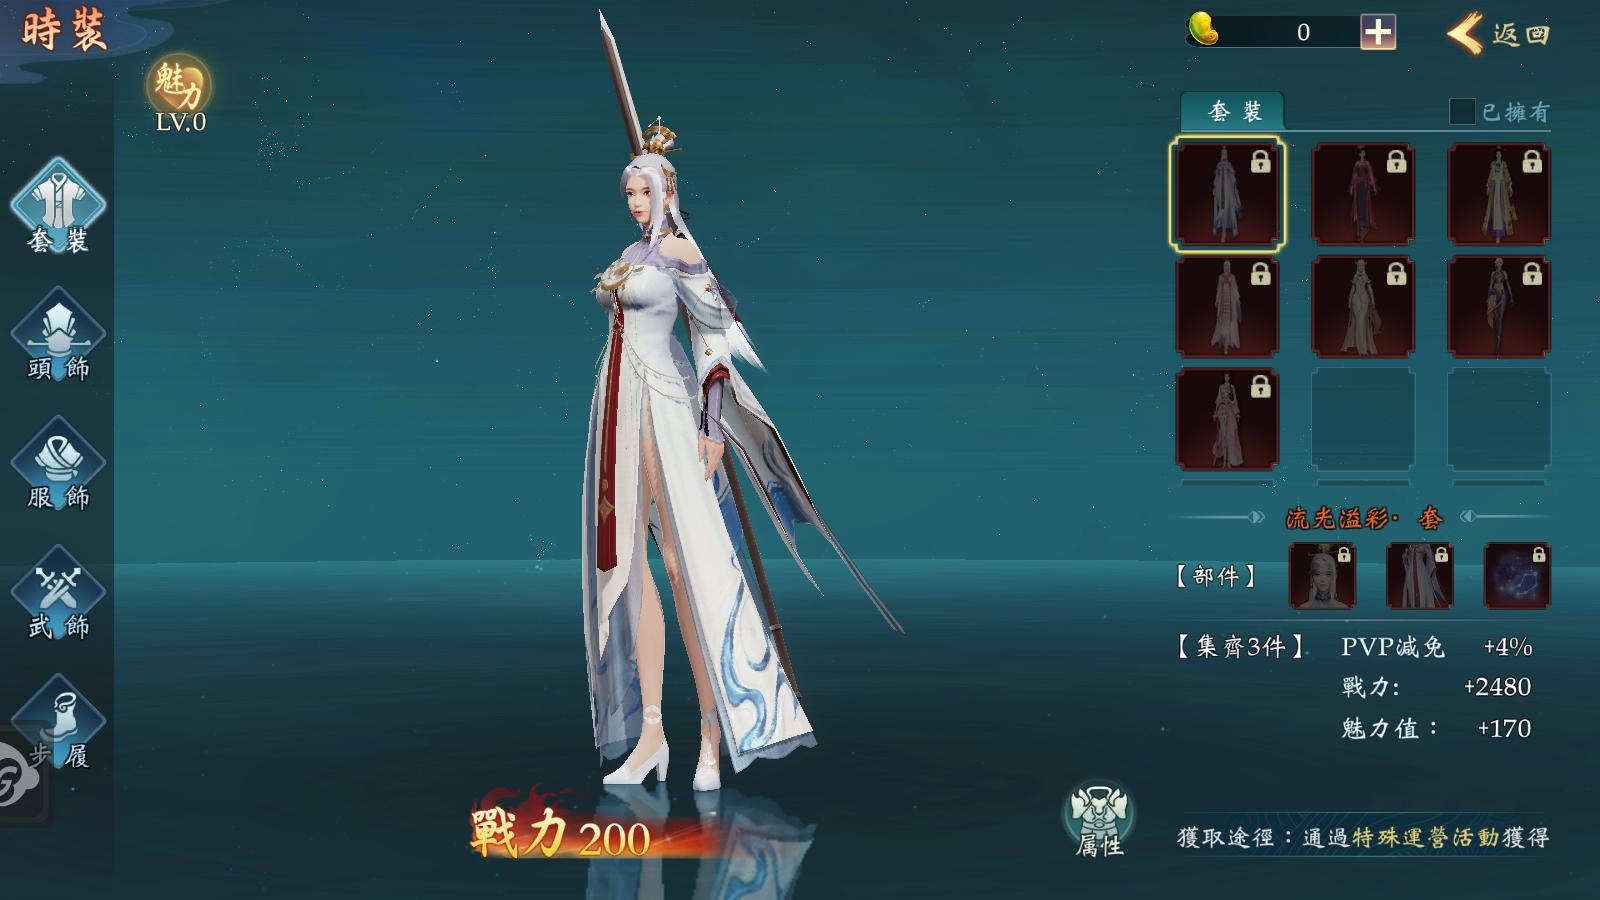 時裝可以讓玩家的人物更吸睛。